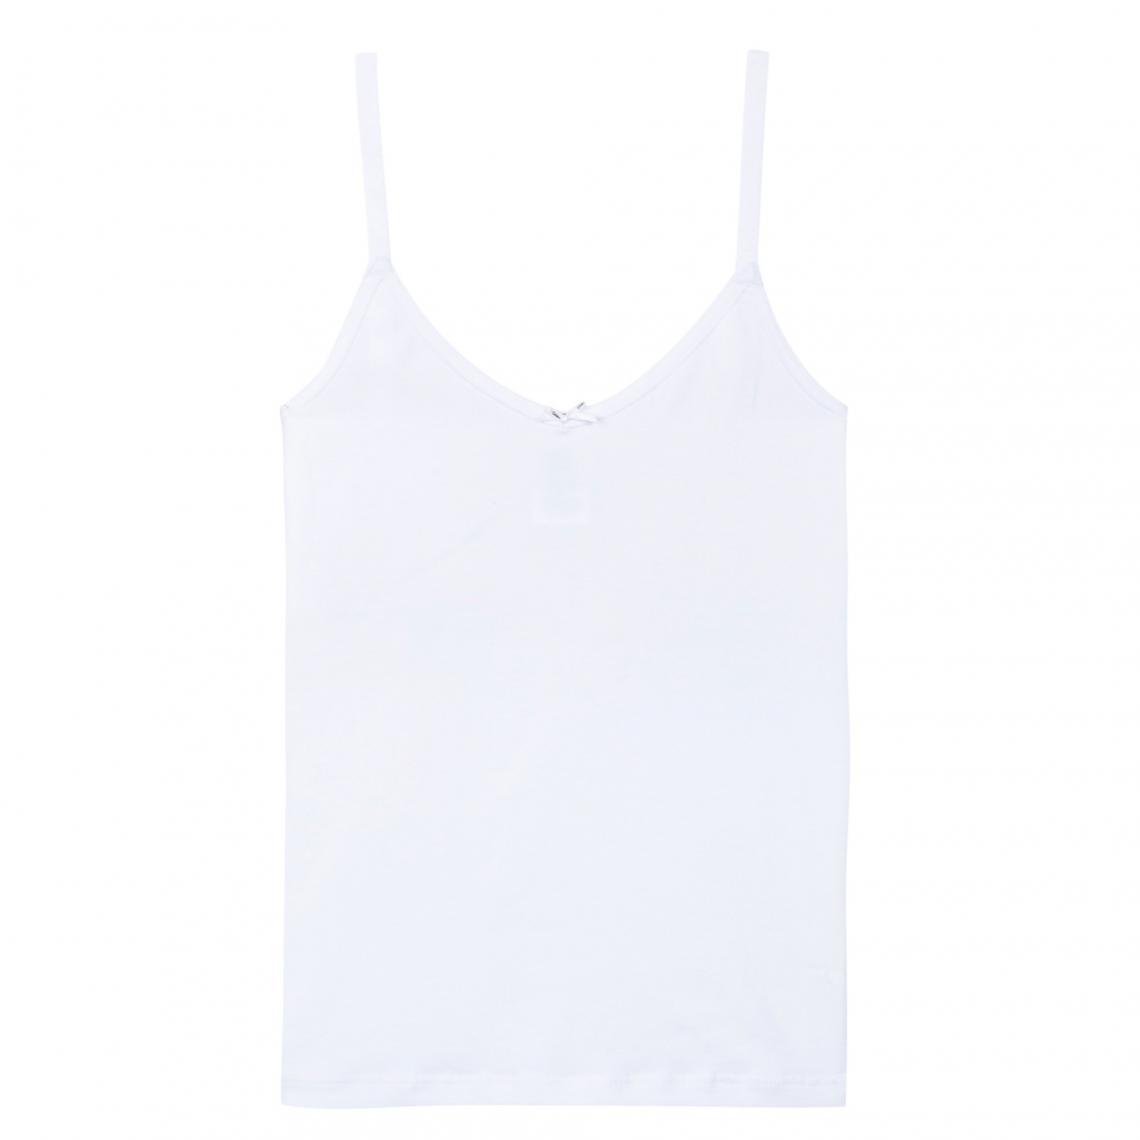 3433017e70615 Débardeur fines bretelles Pocket Basic fille DIM - Blanc | 3 SUISSES